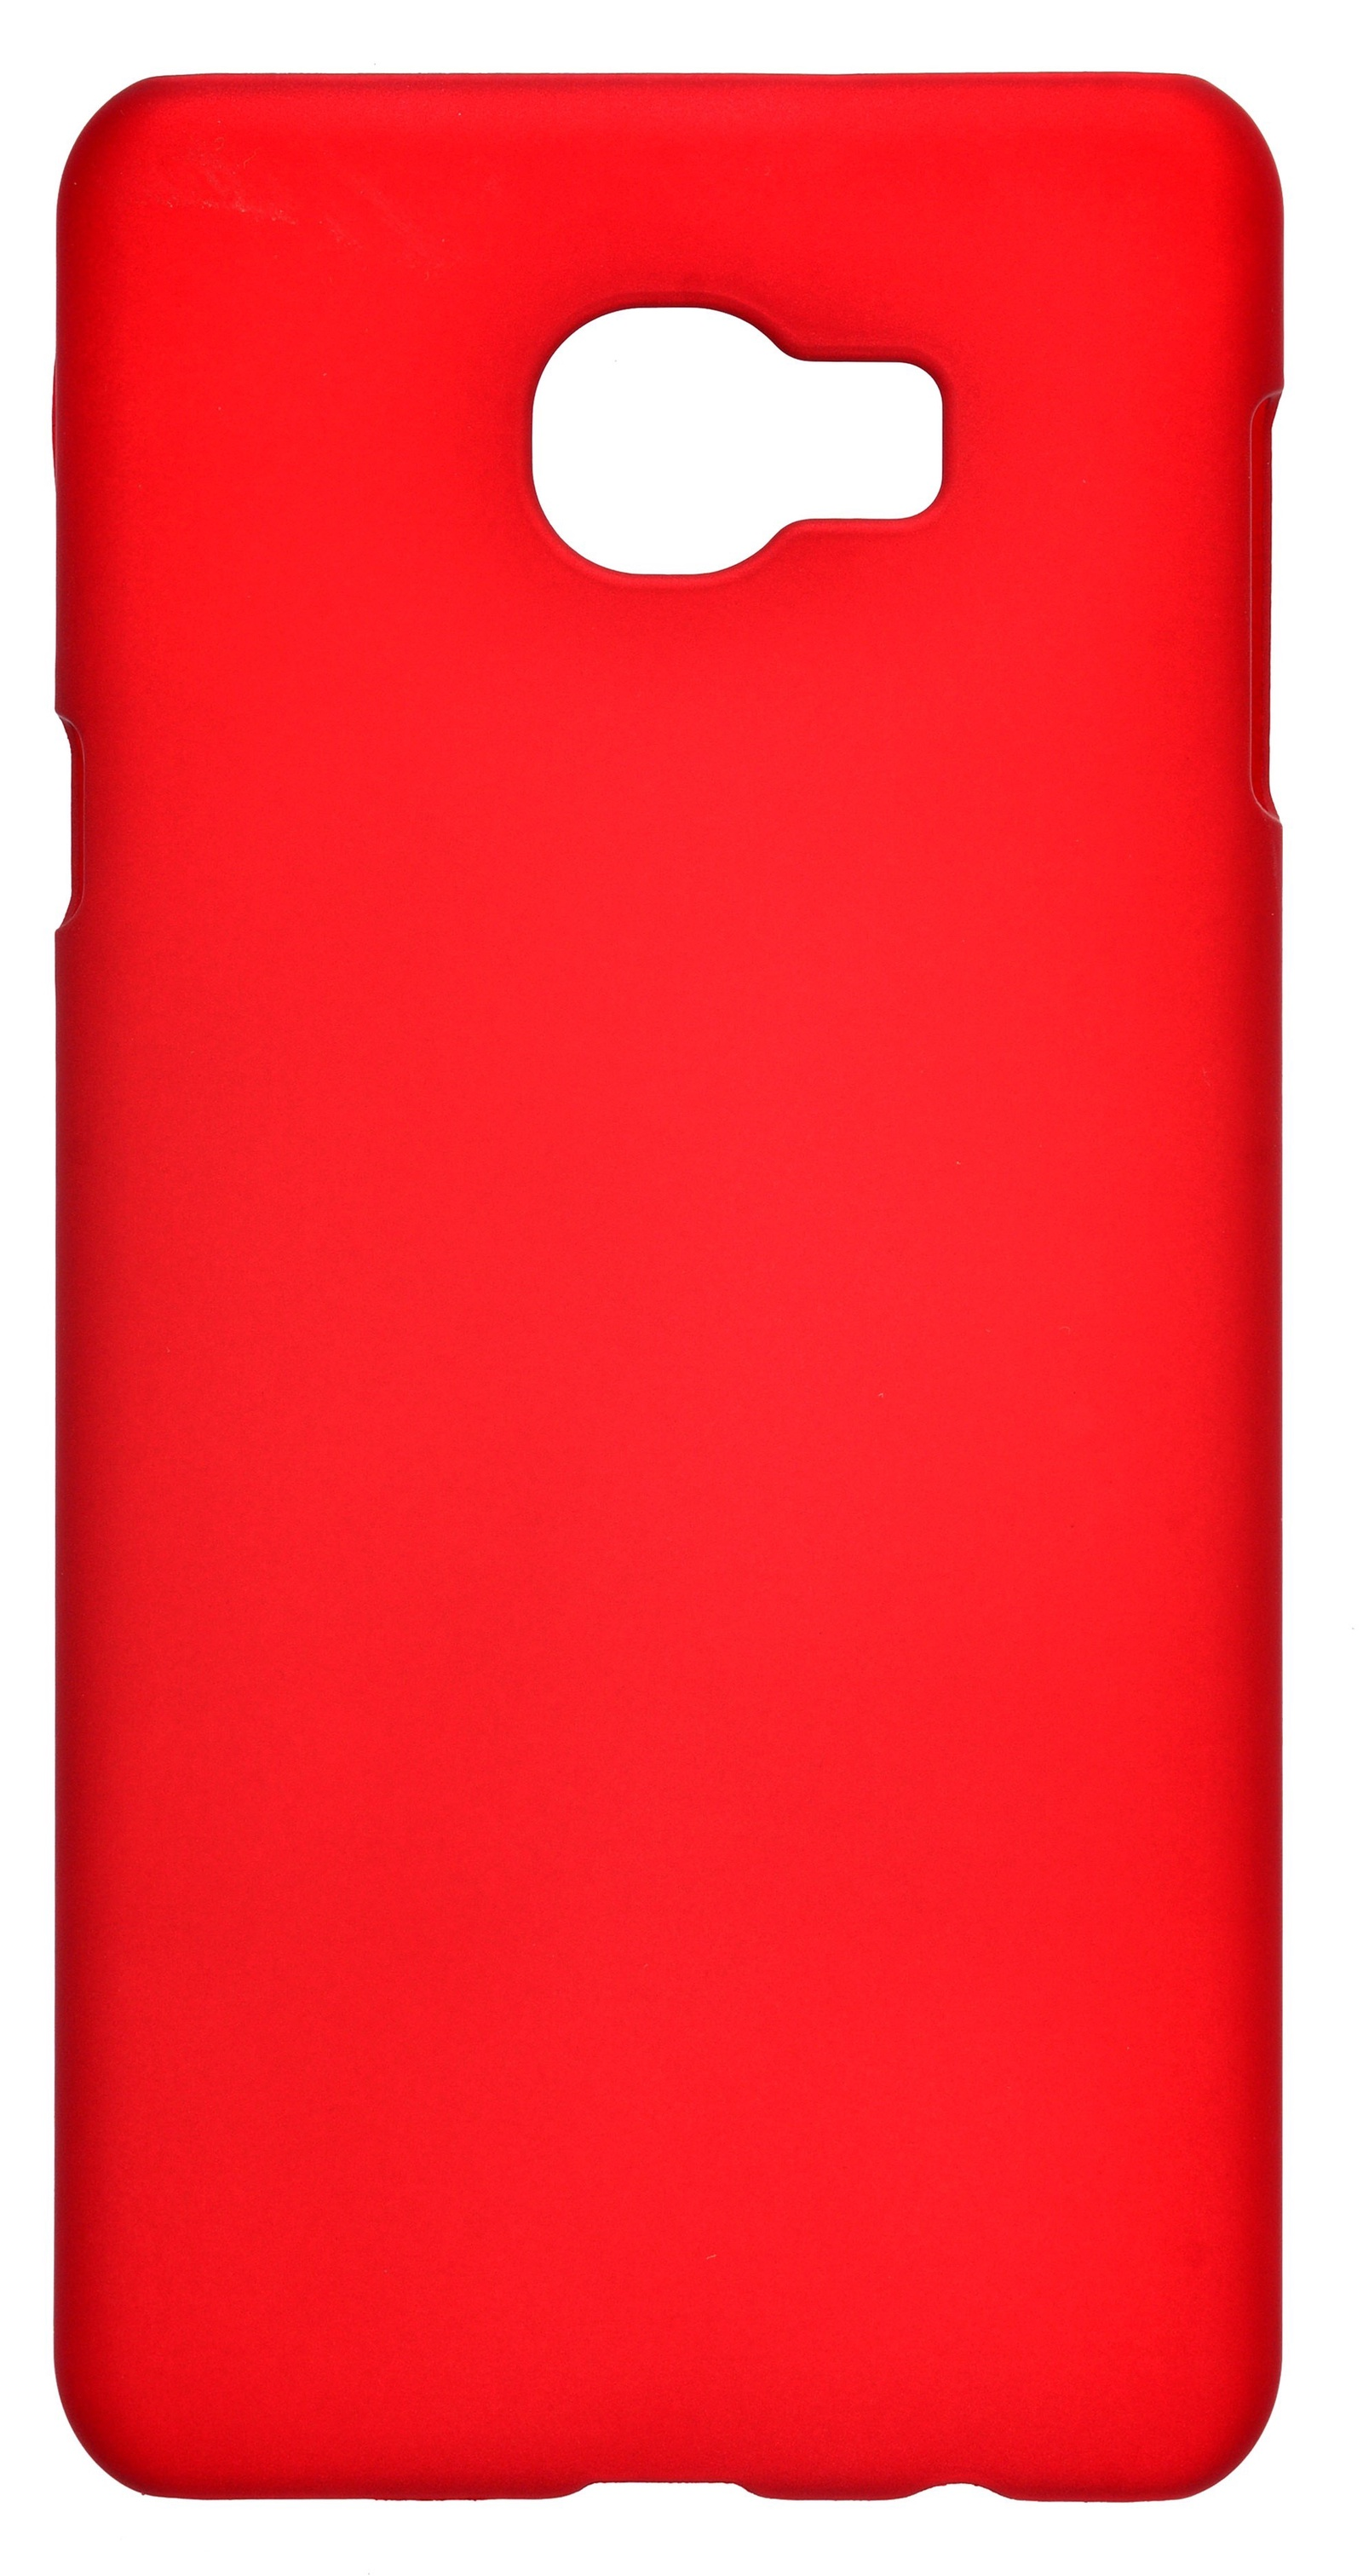 Чехол для сотового телефона skinBOX 4People, 4630042528772, красный чехол для сотового телефона skinbox 4people 4630042528994 красный